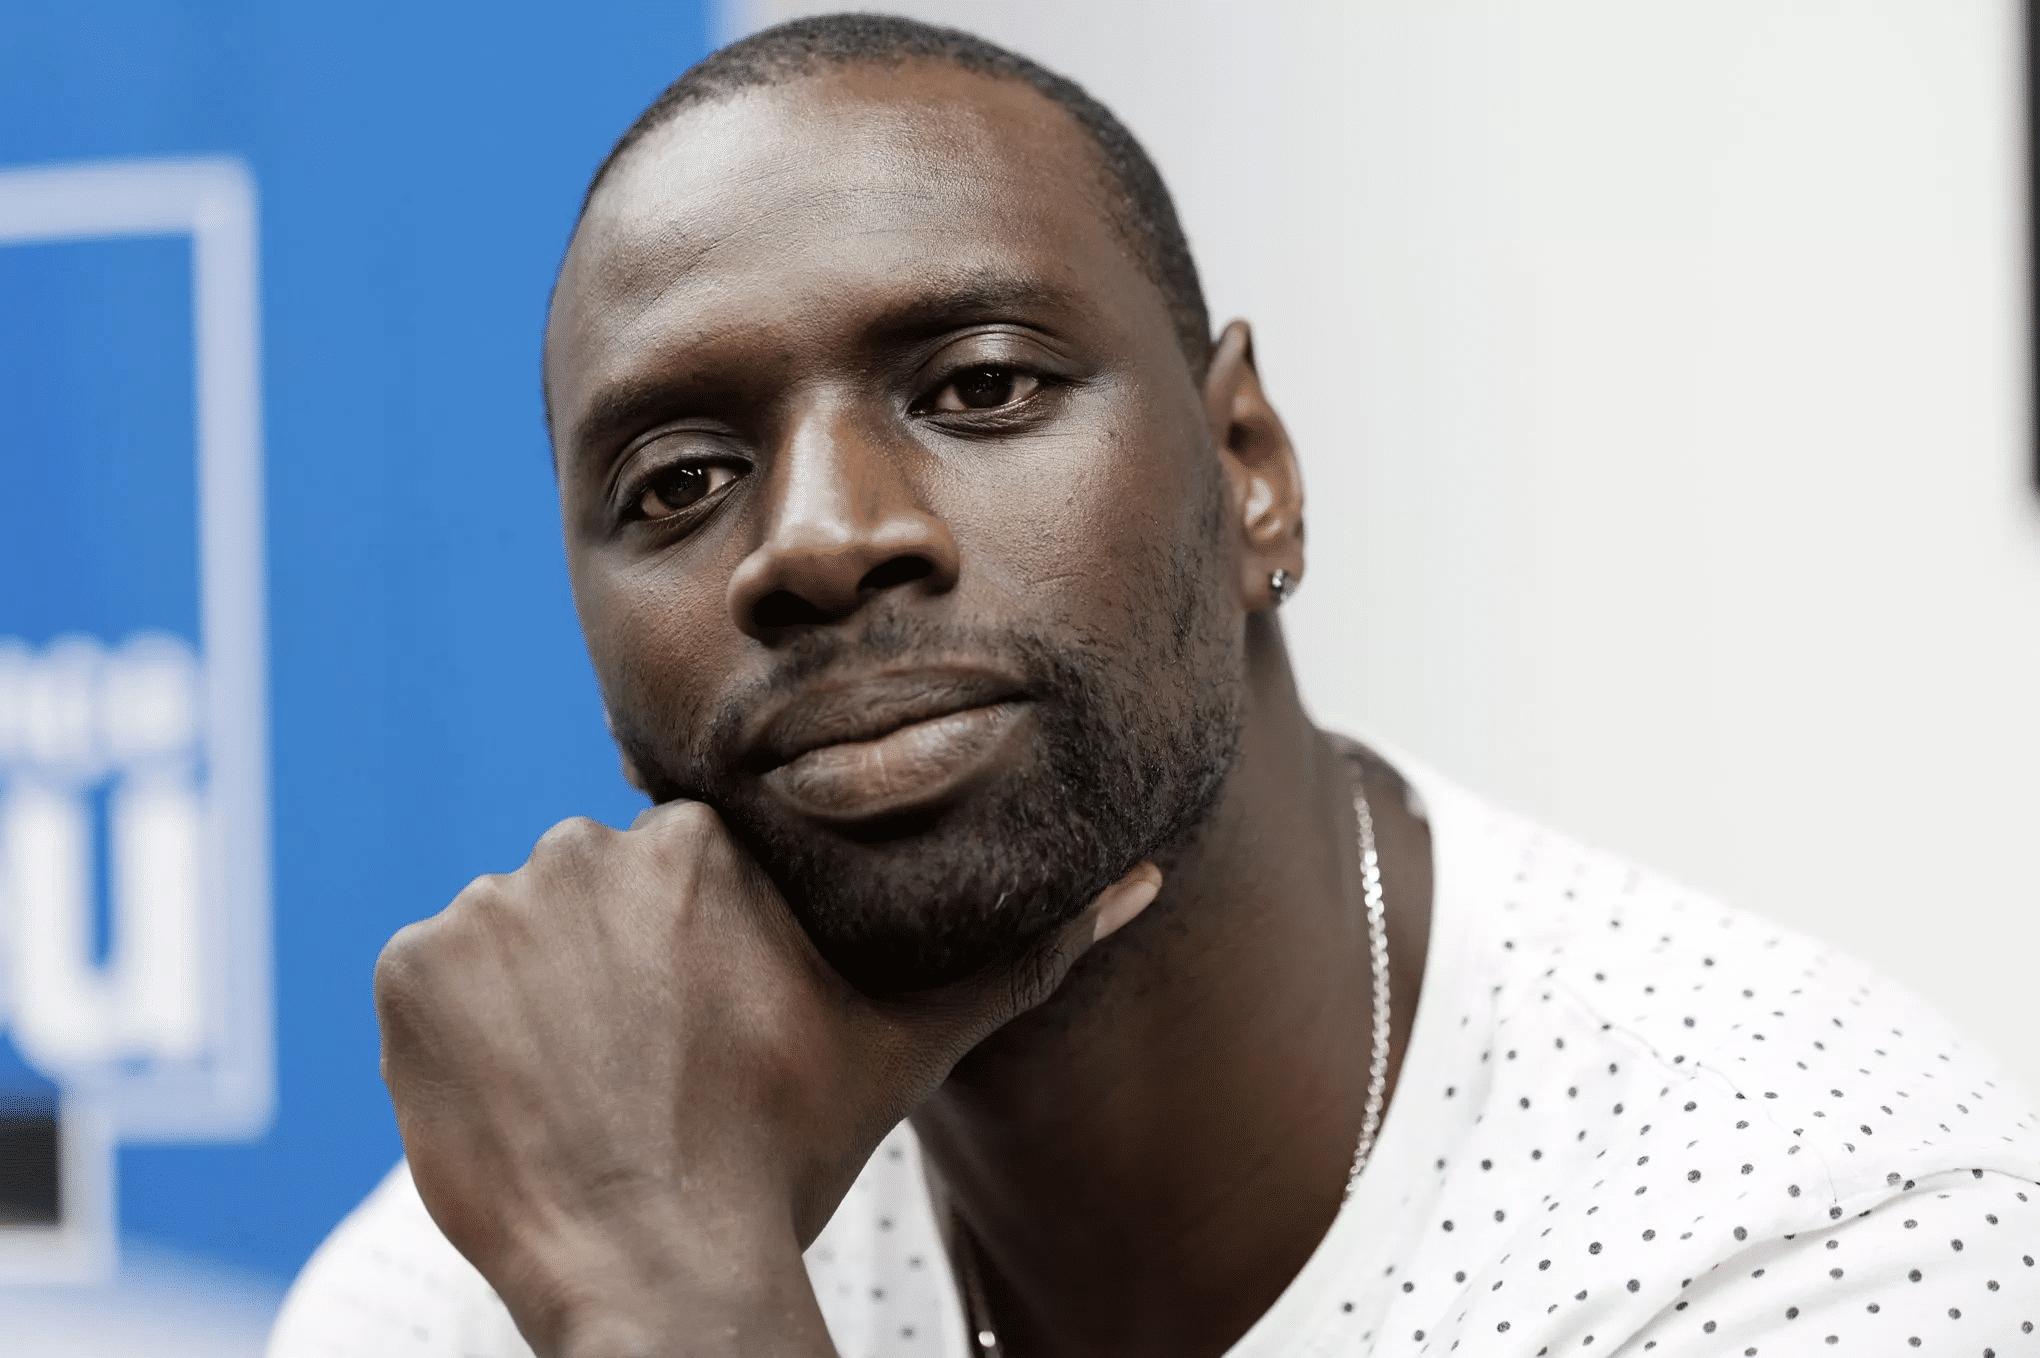 omar-sy-vivement-critique-celebre-journaliste-engagement-contre-racisme